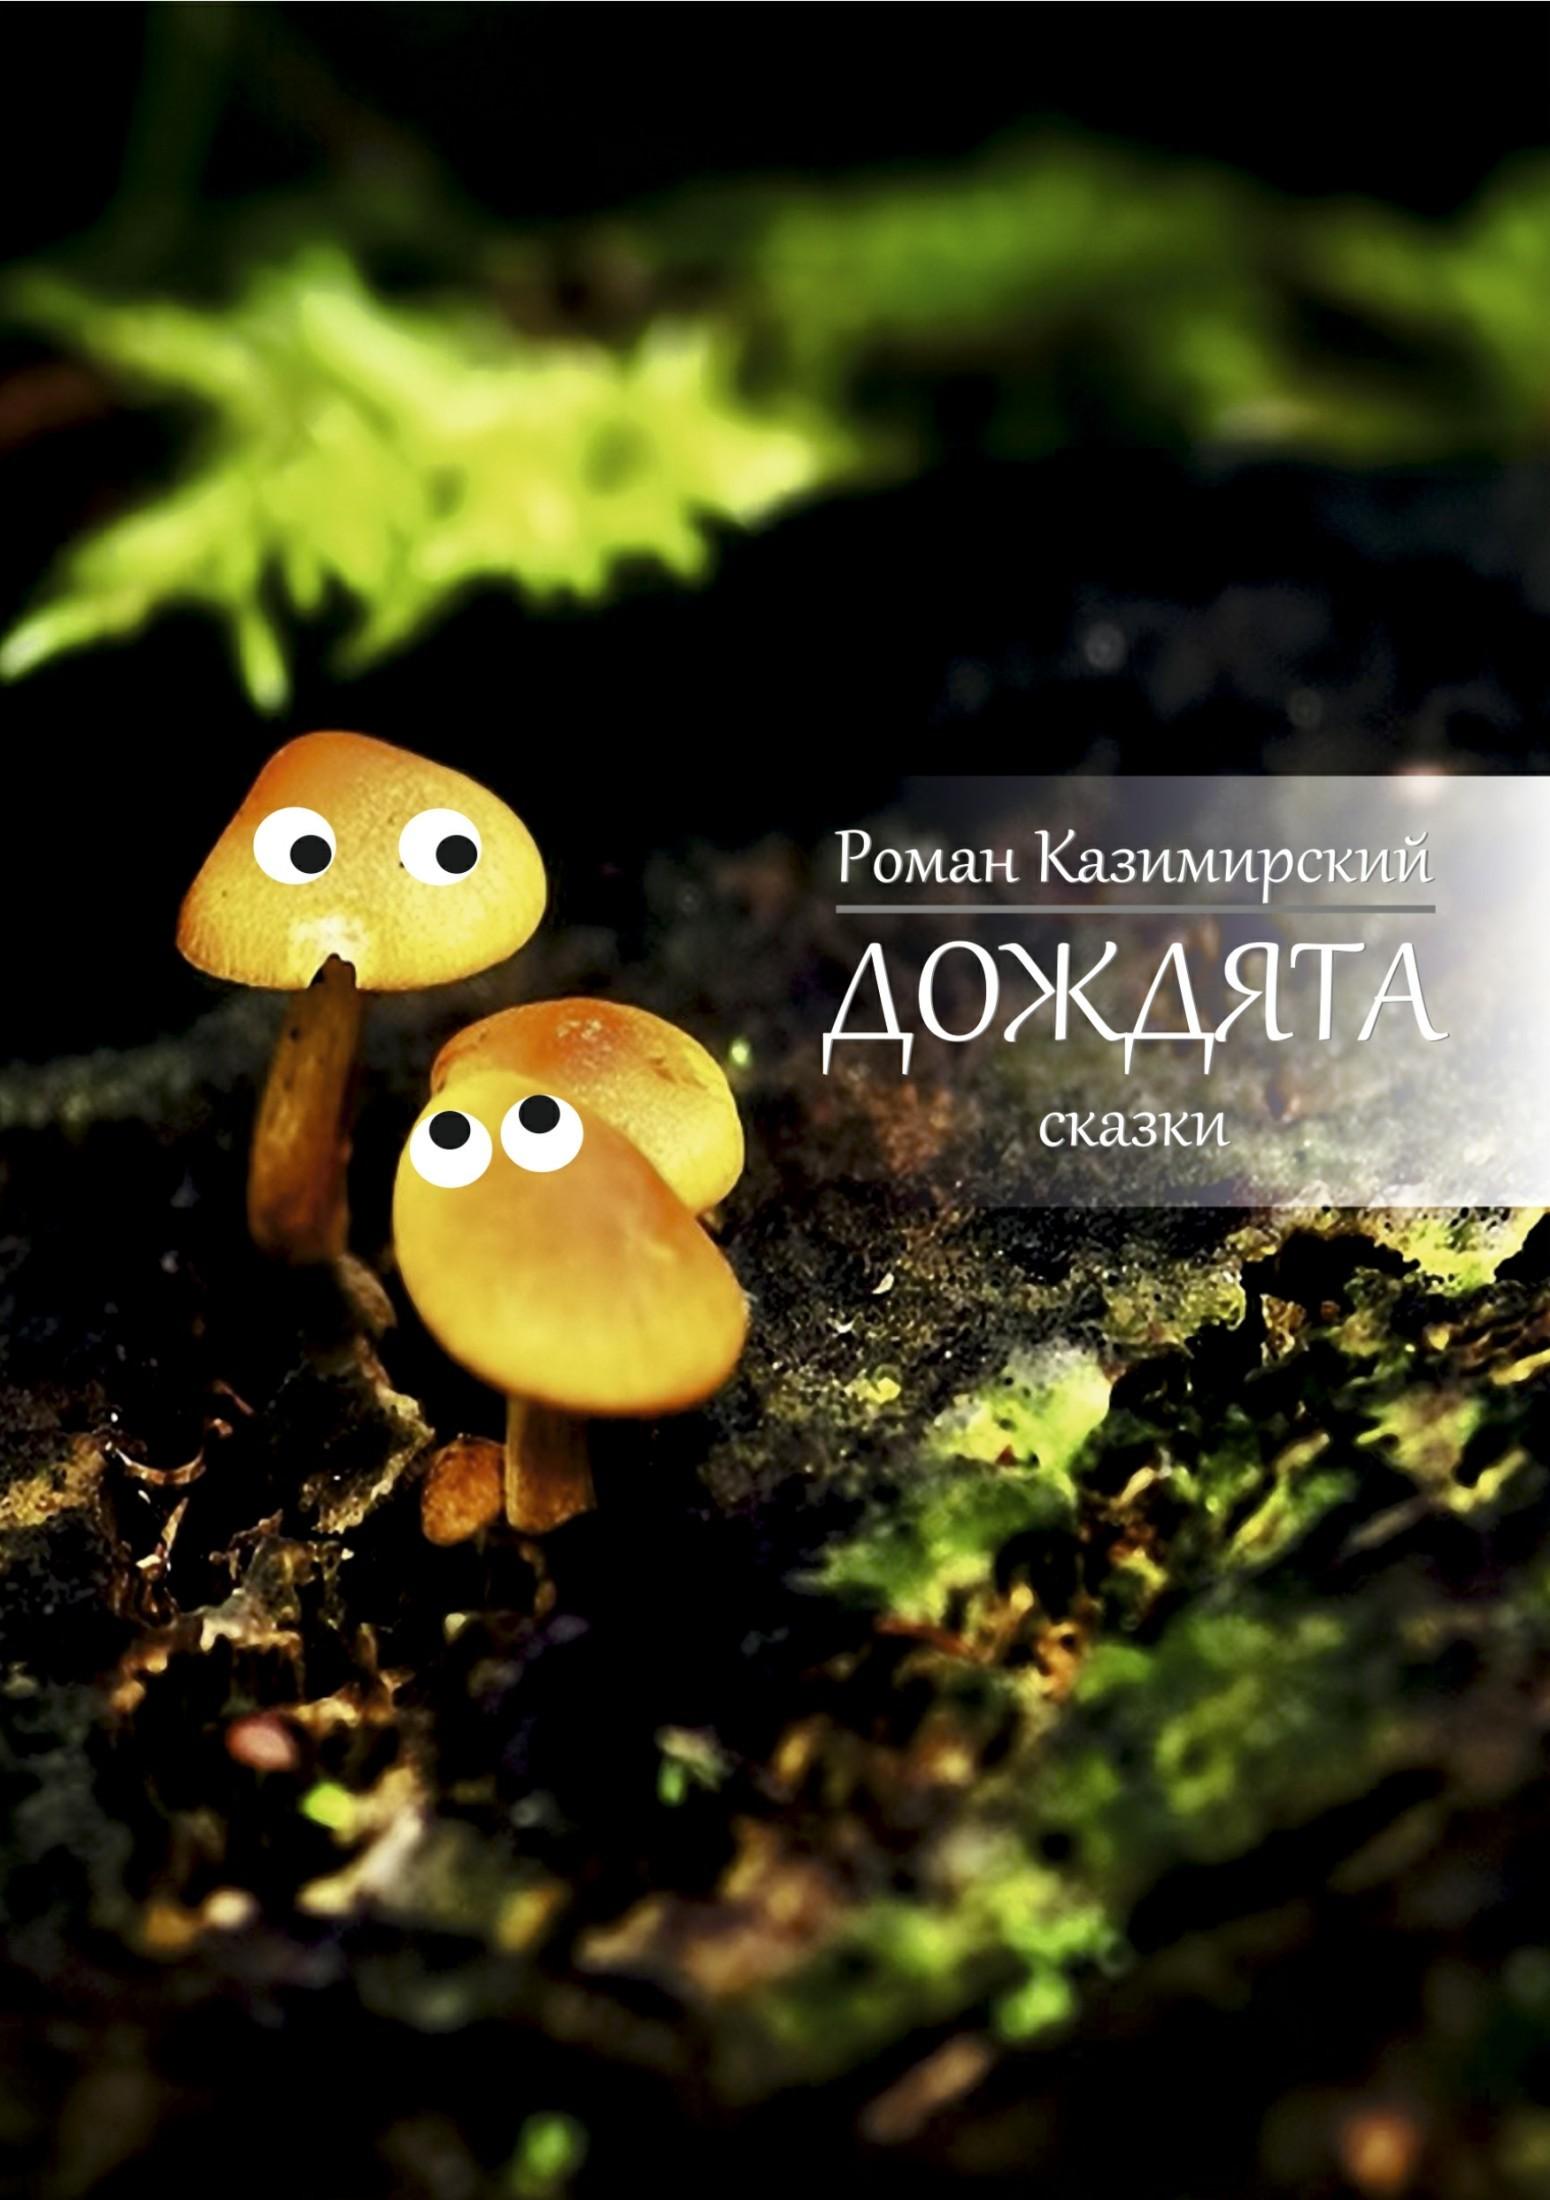 Роман Казимирский - Дождята